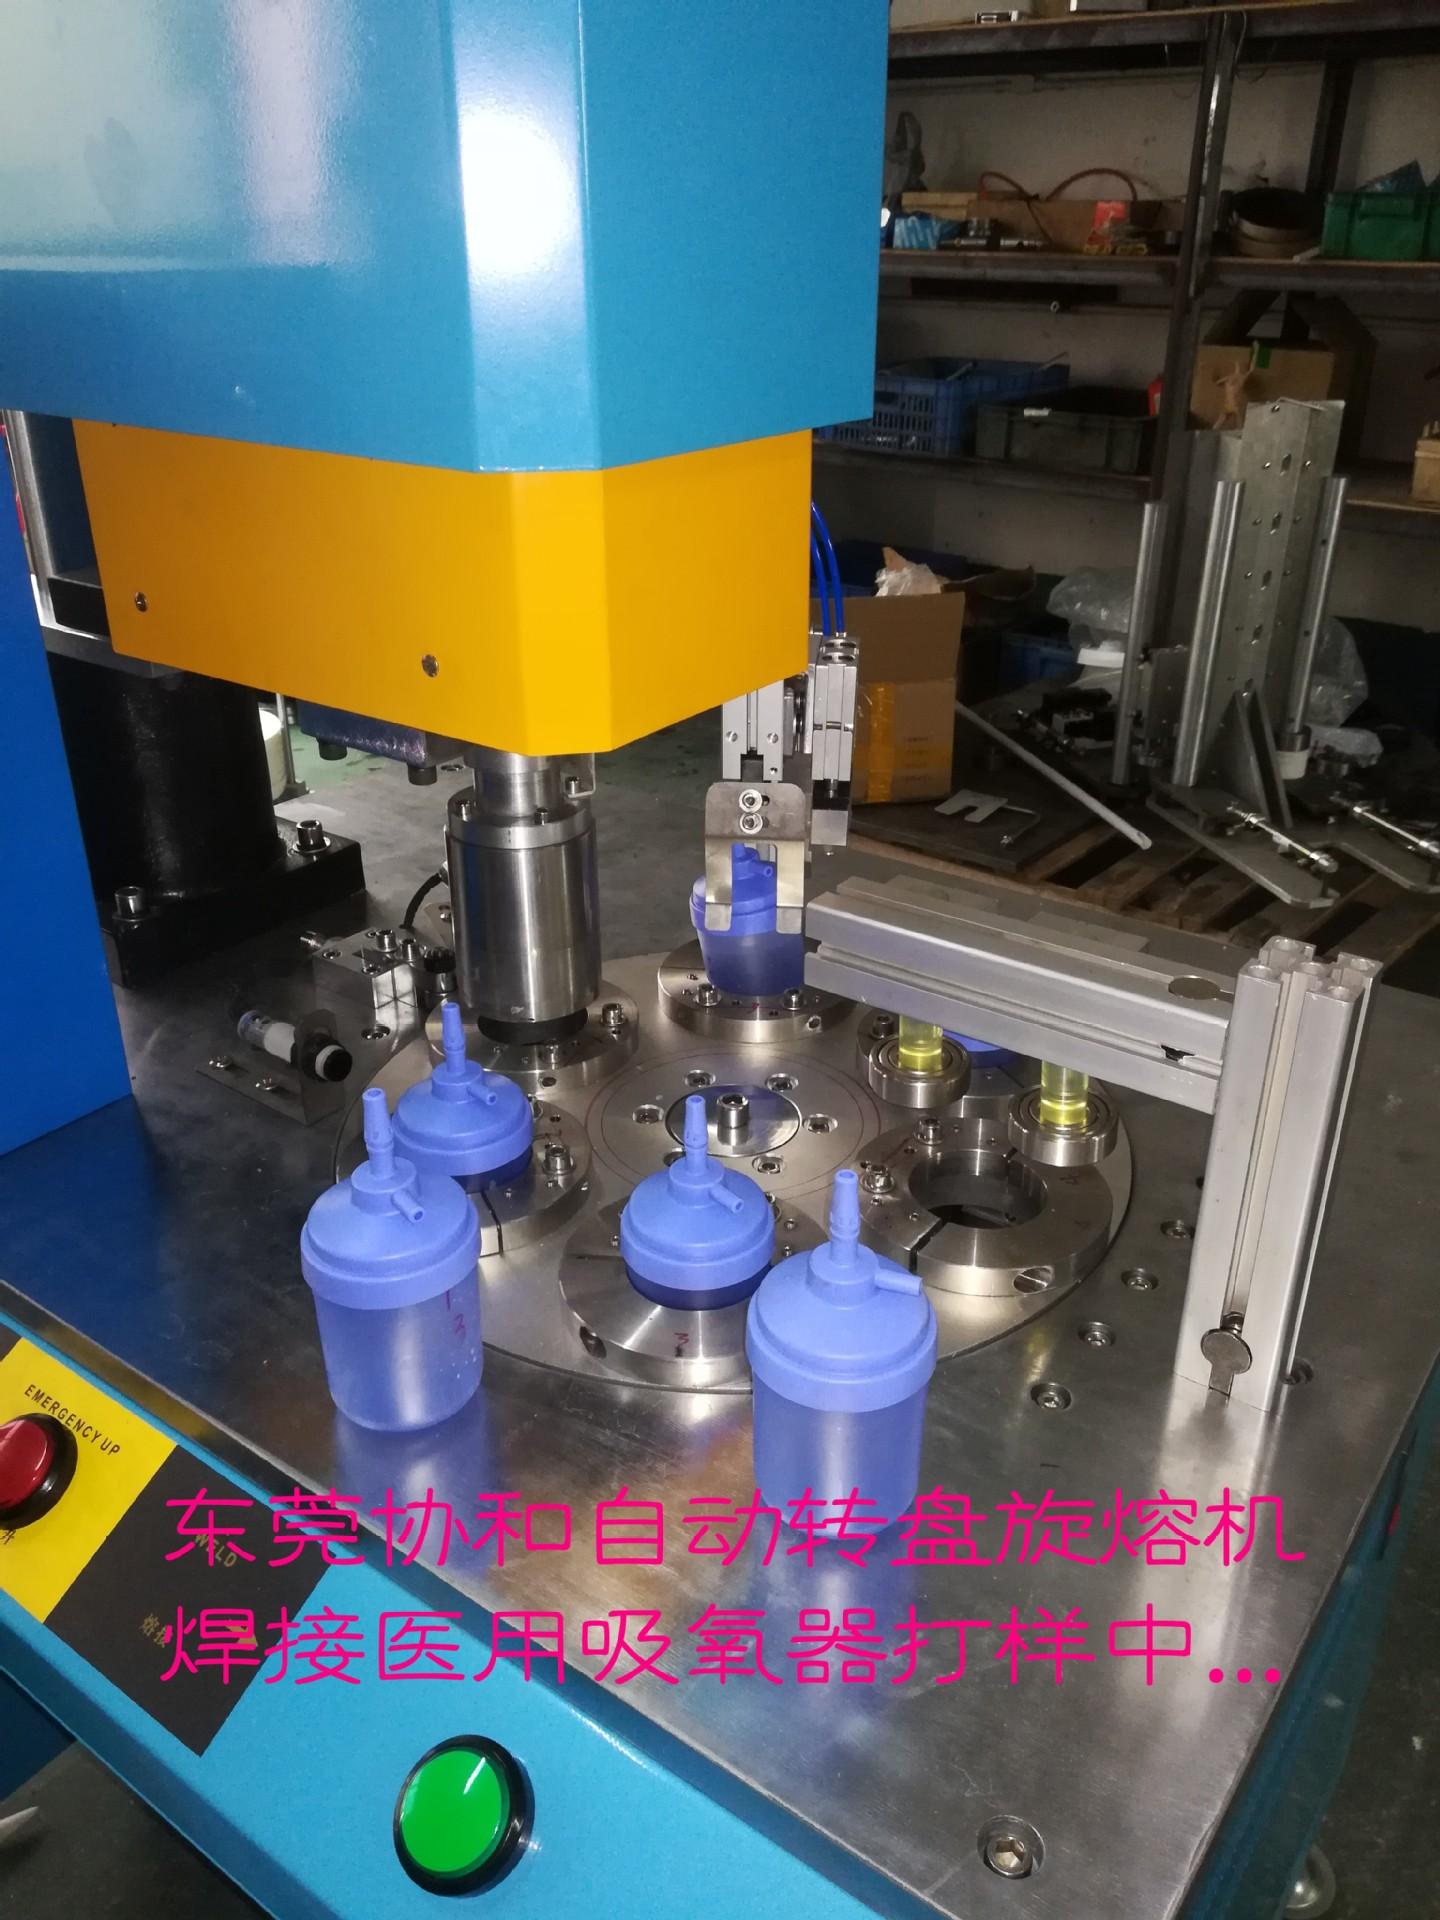 自动转盘旋熔机的价格 买机送模具 协和生产厂家 欢迎定购定位旋示例图6